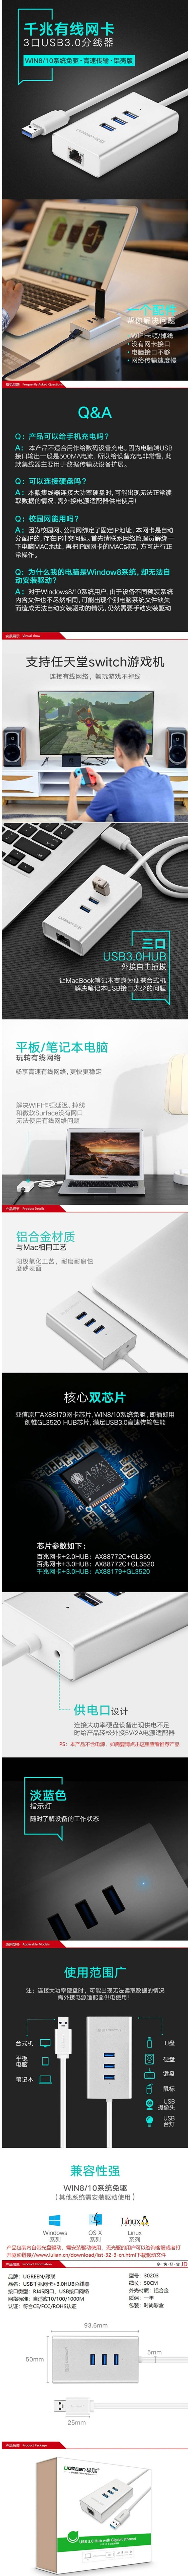 绿联20266 USB3.0分线器 百兆有线网卡网口 黑色3口集线器 详情页